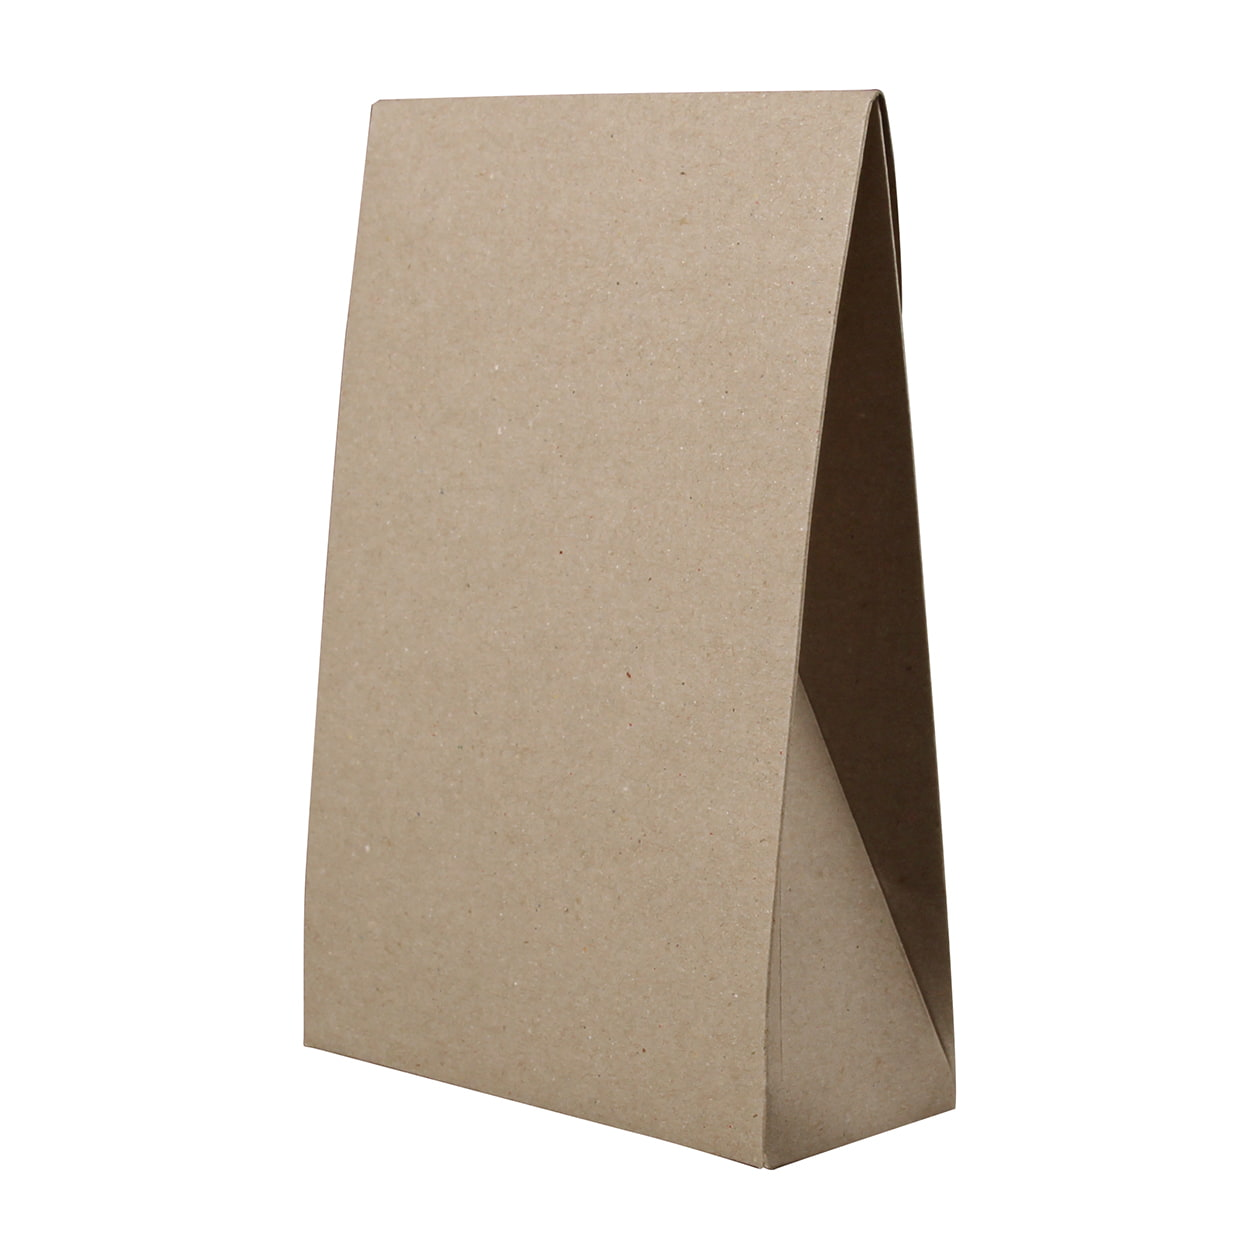 角底箱ロック式120×180×50 ボード紙 サンド 270g